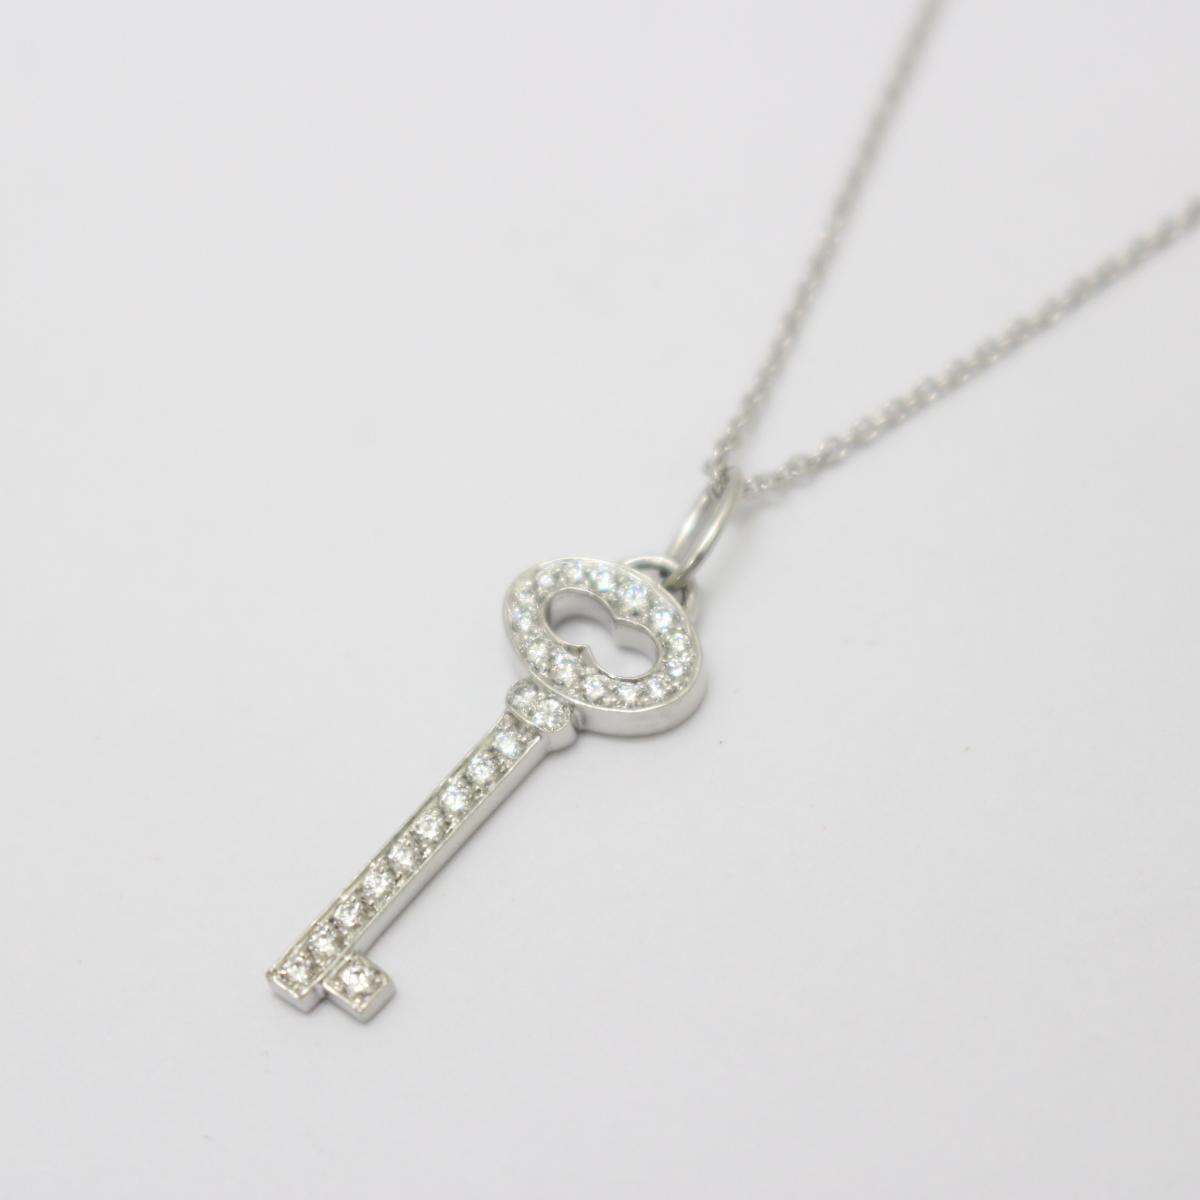 ヴィンテージオーバルキー ダイヤモンド ネックレス